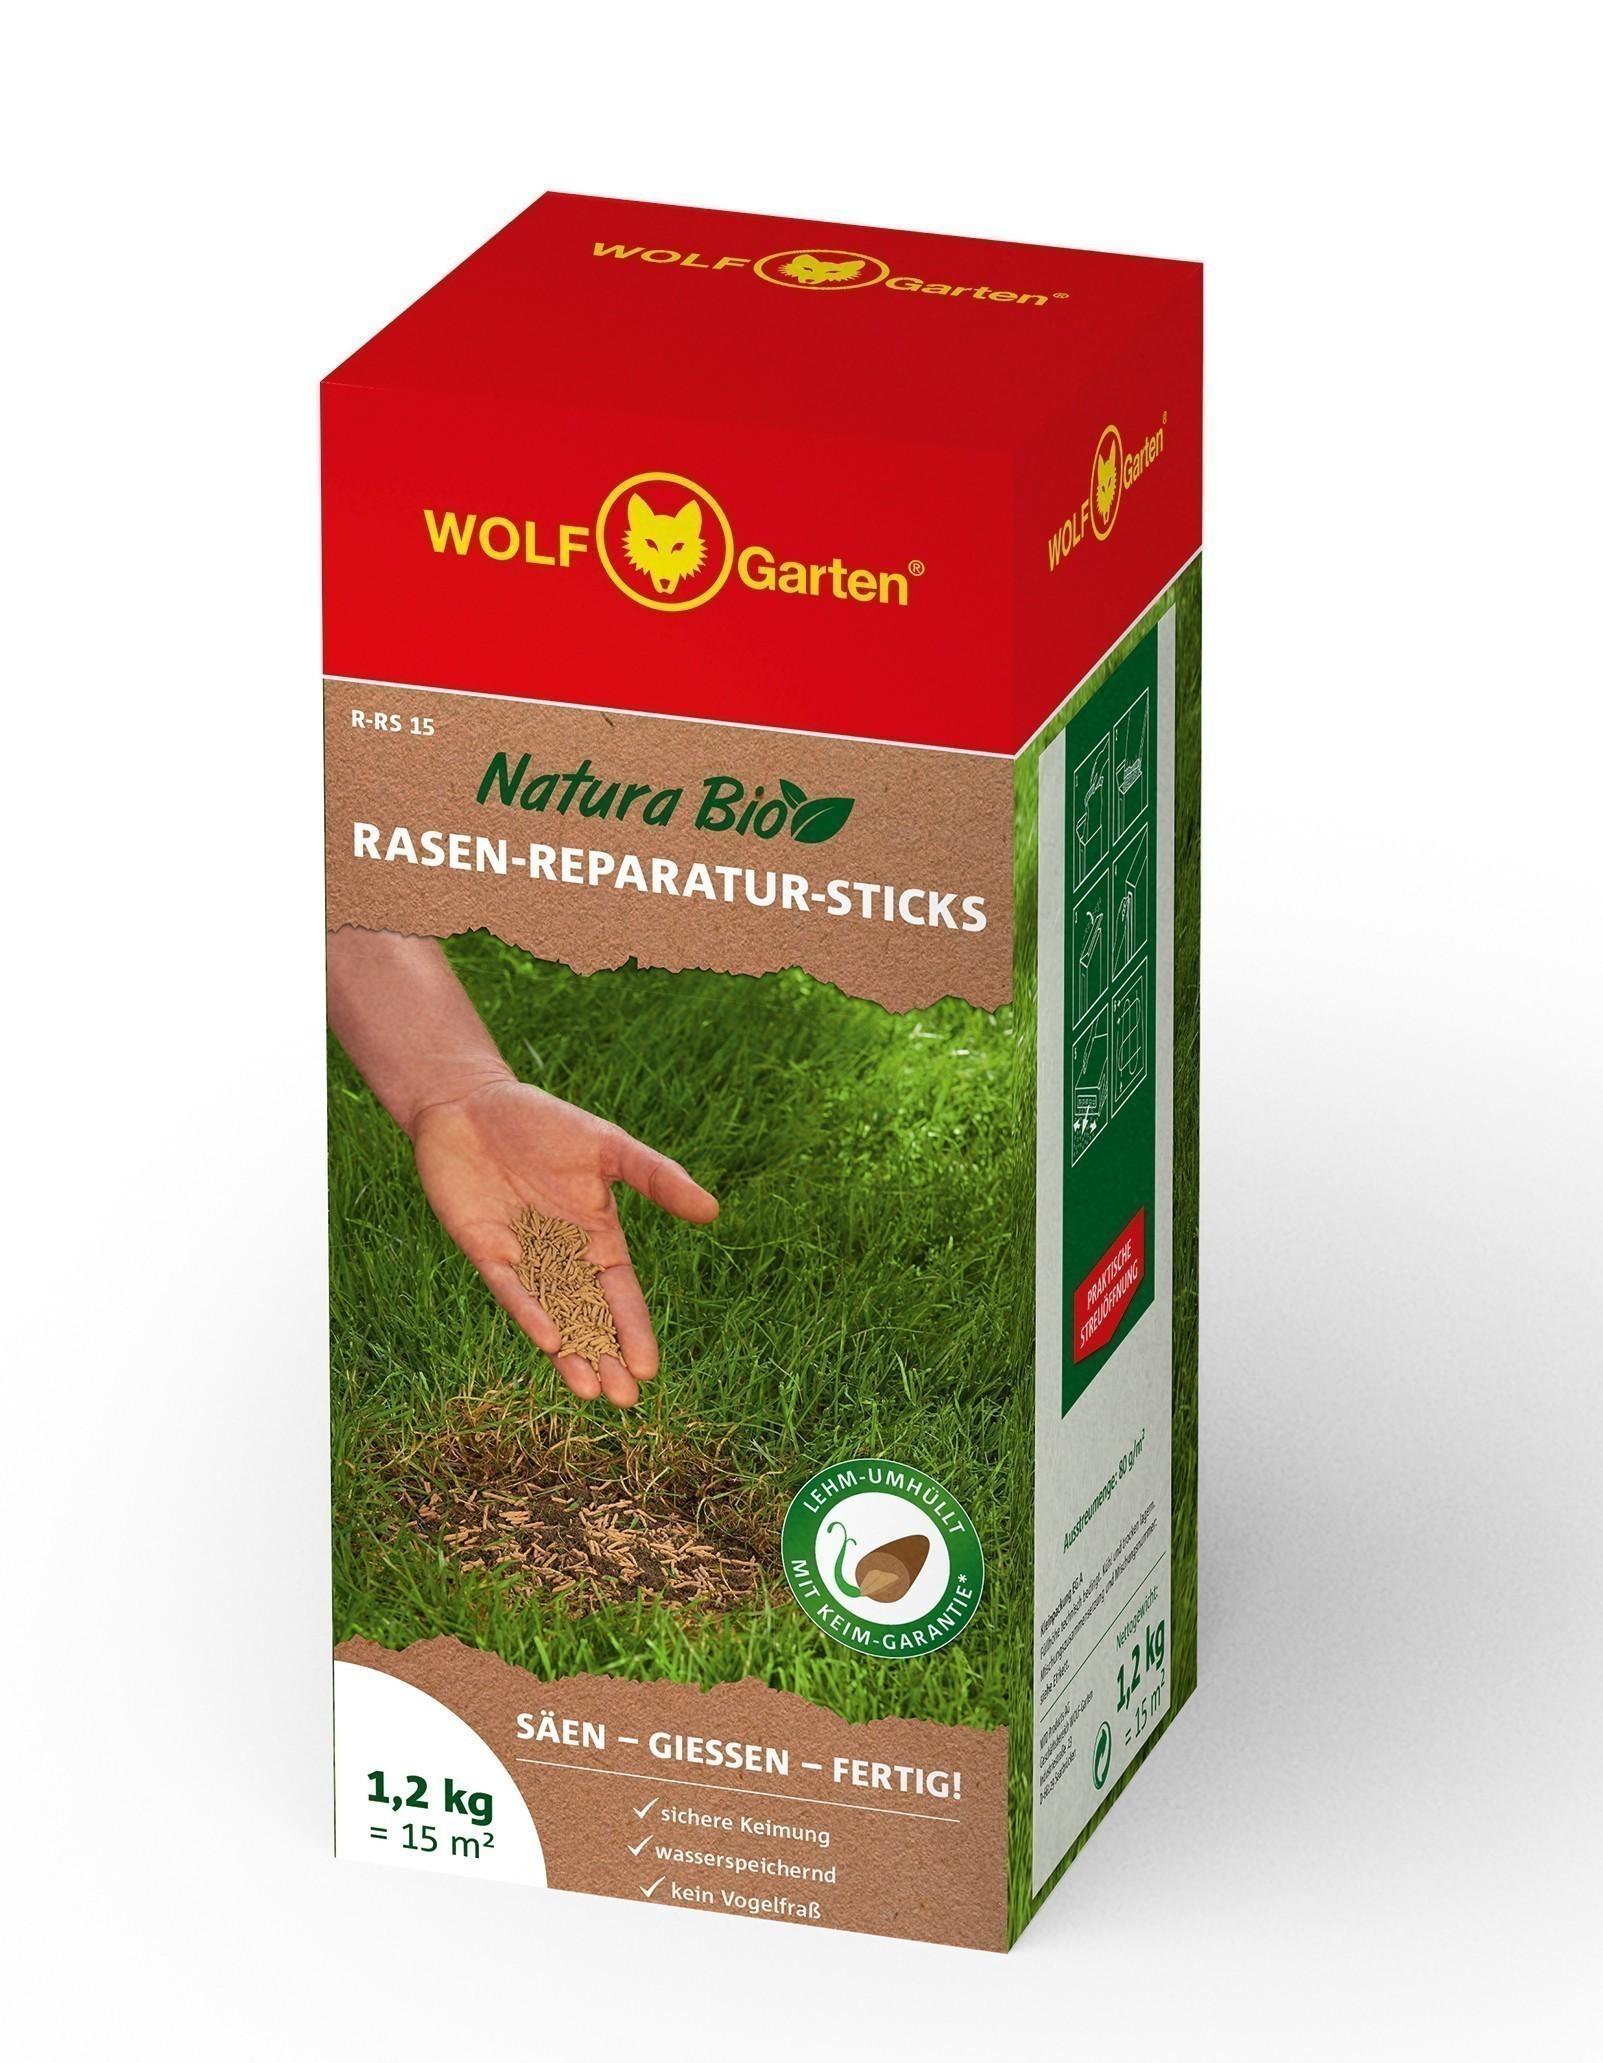 Wolf Garten Natura Bio Rasen-Reparatur-Sticks R-RS 15 für 15m² Bild 1